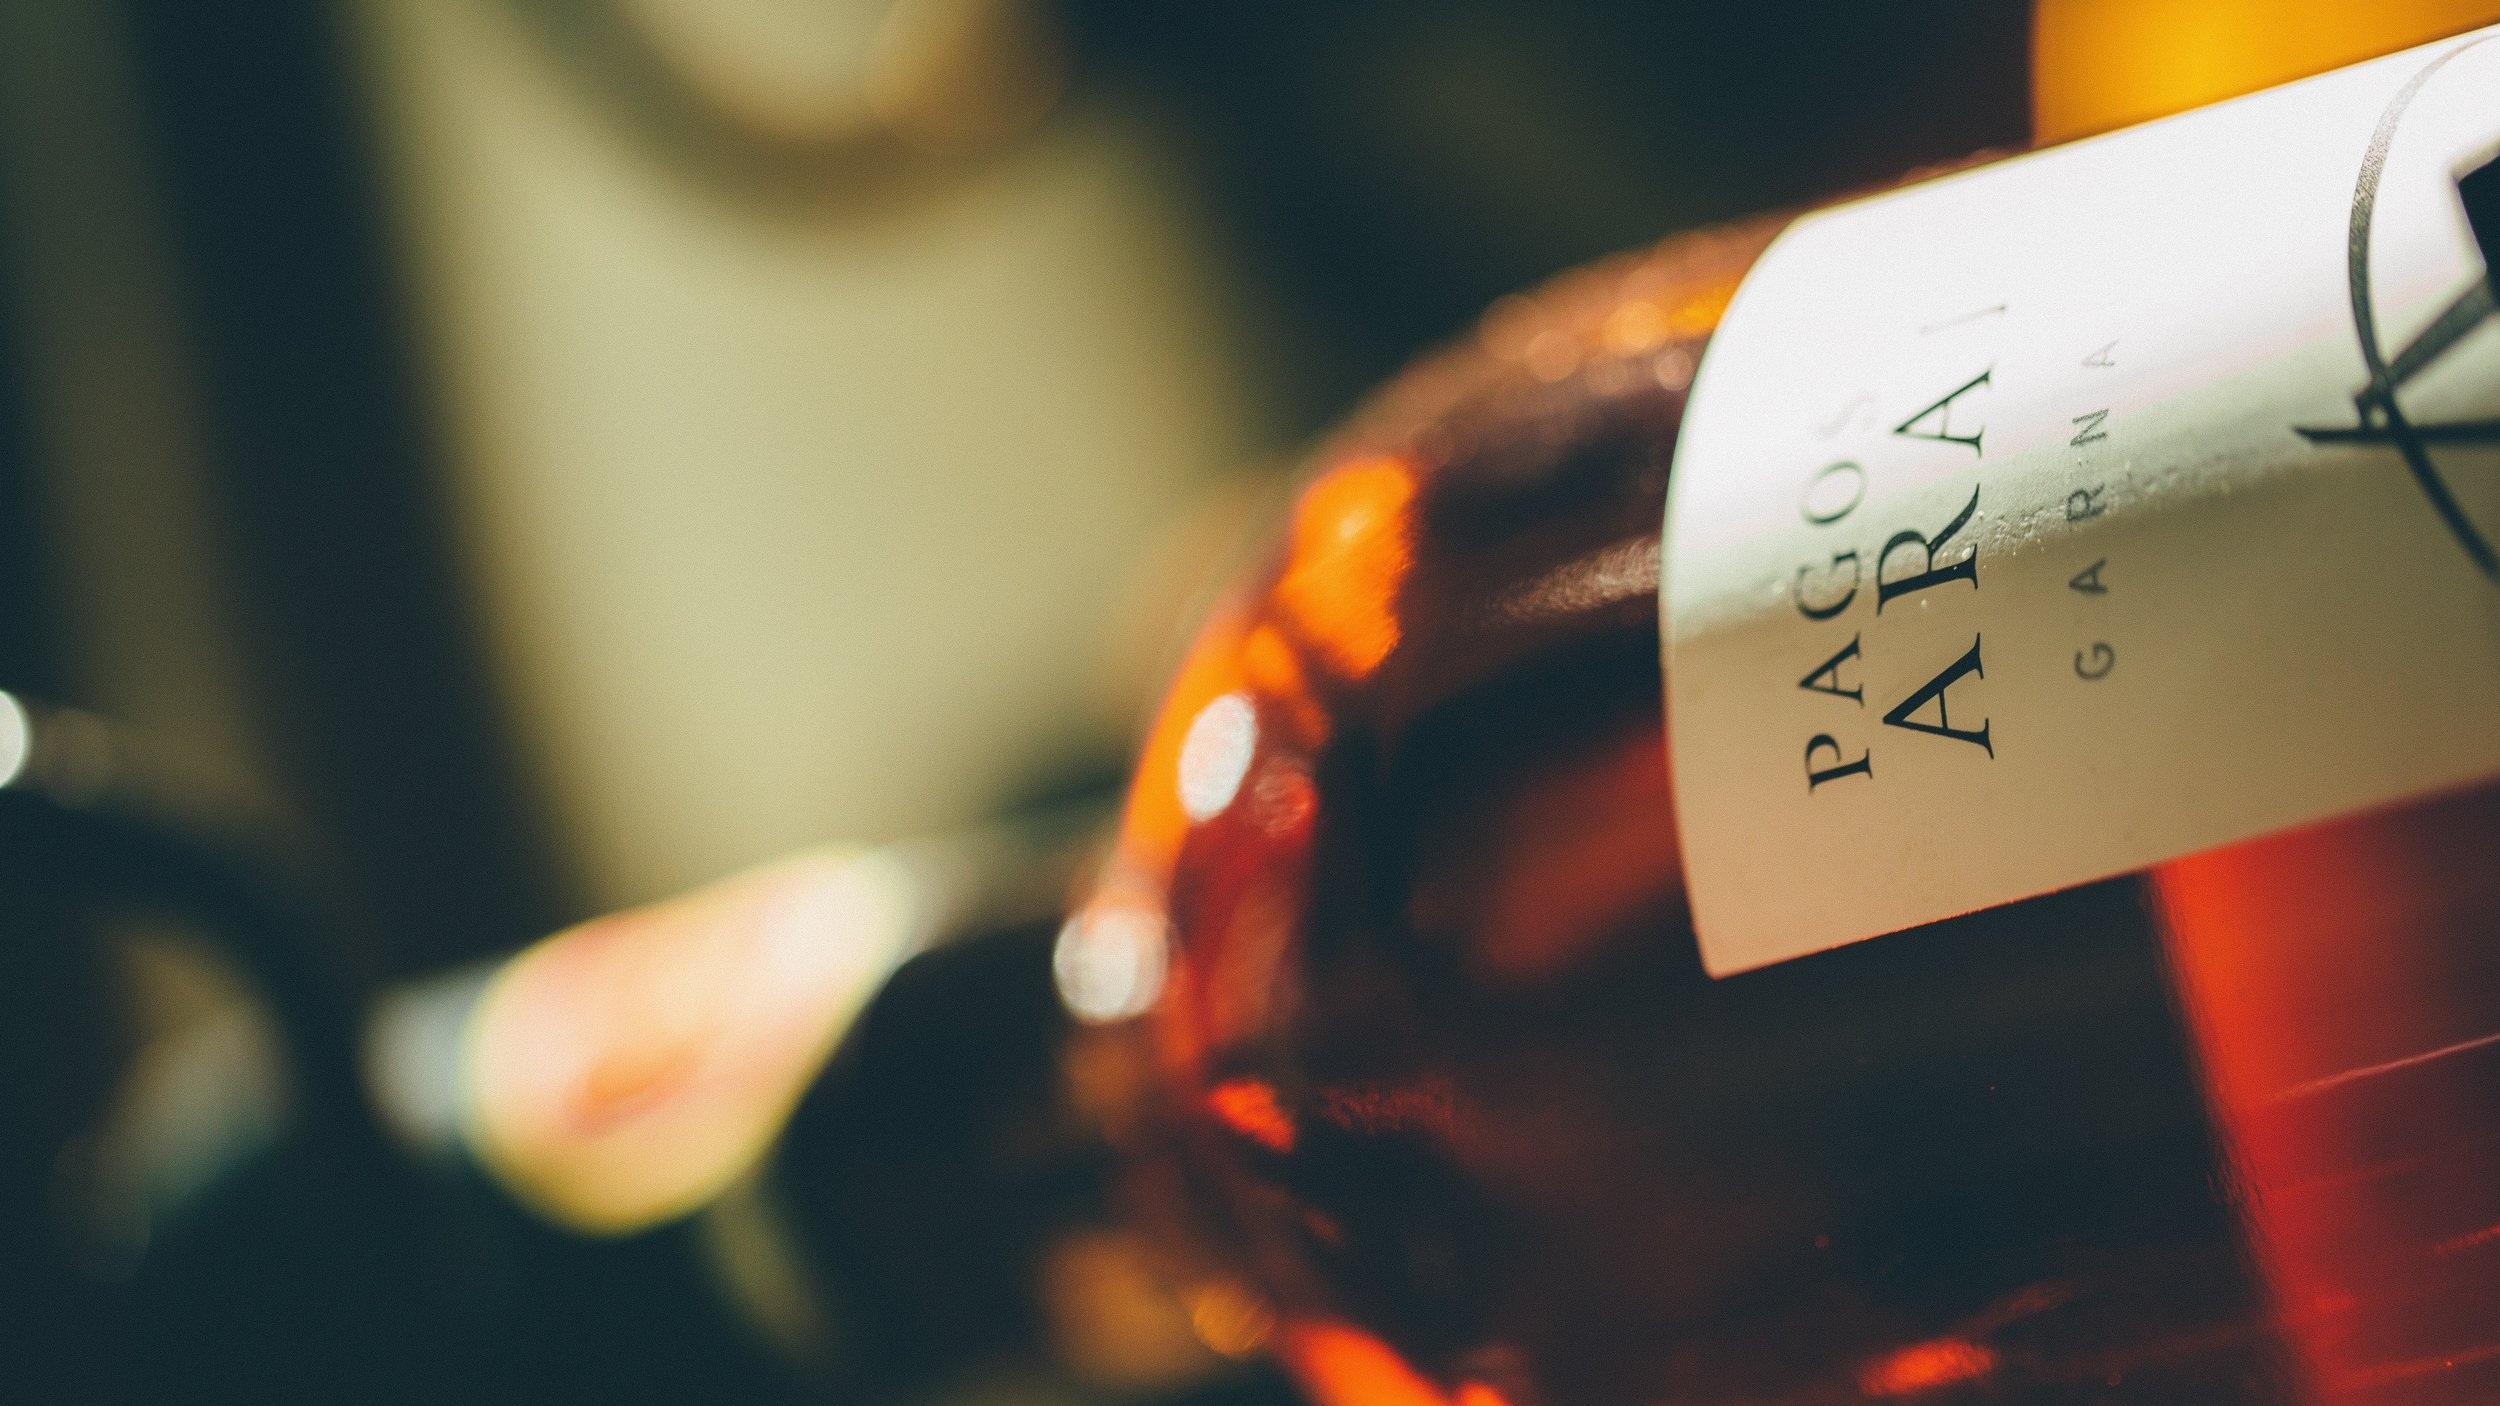 alcohol-blur-bottle-1097429.jpg